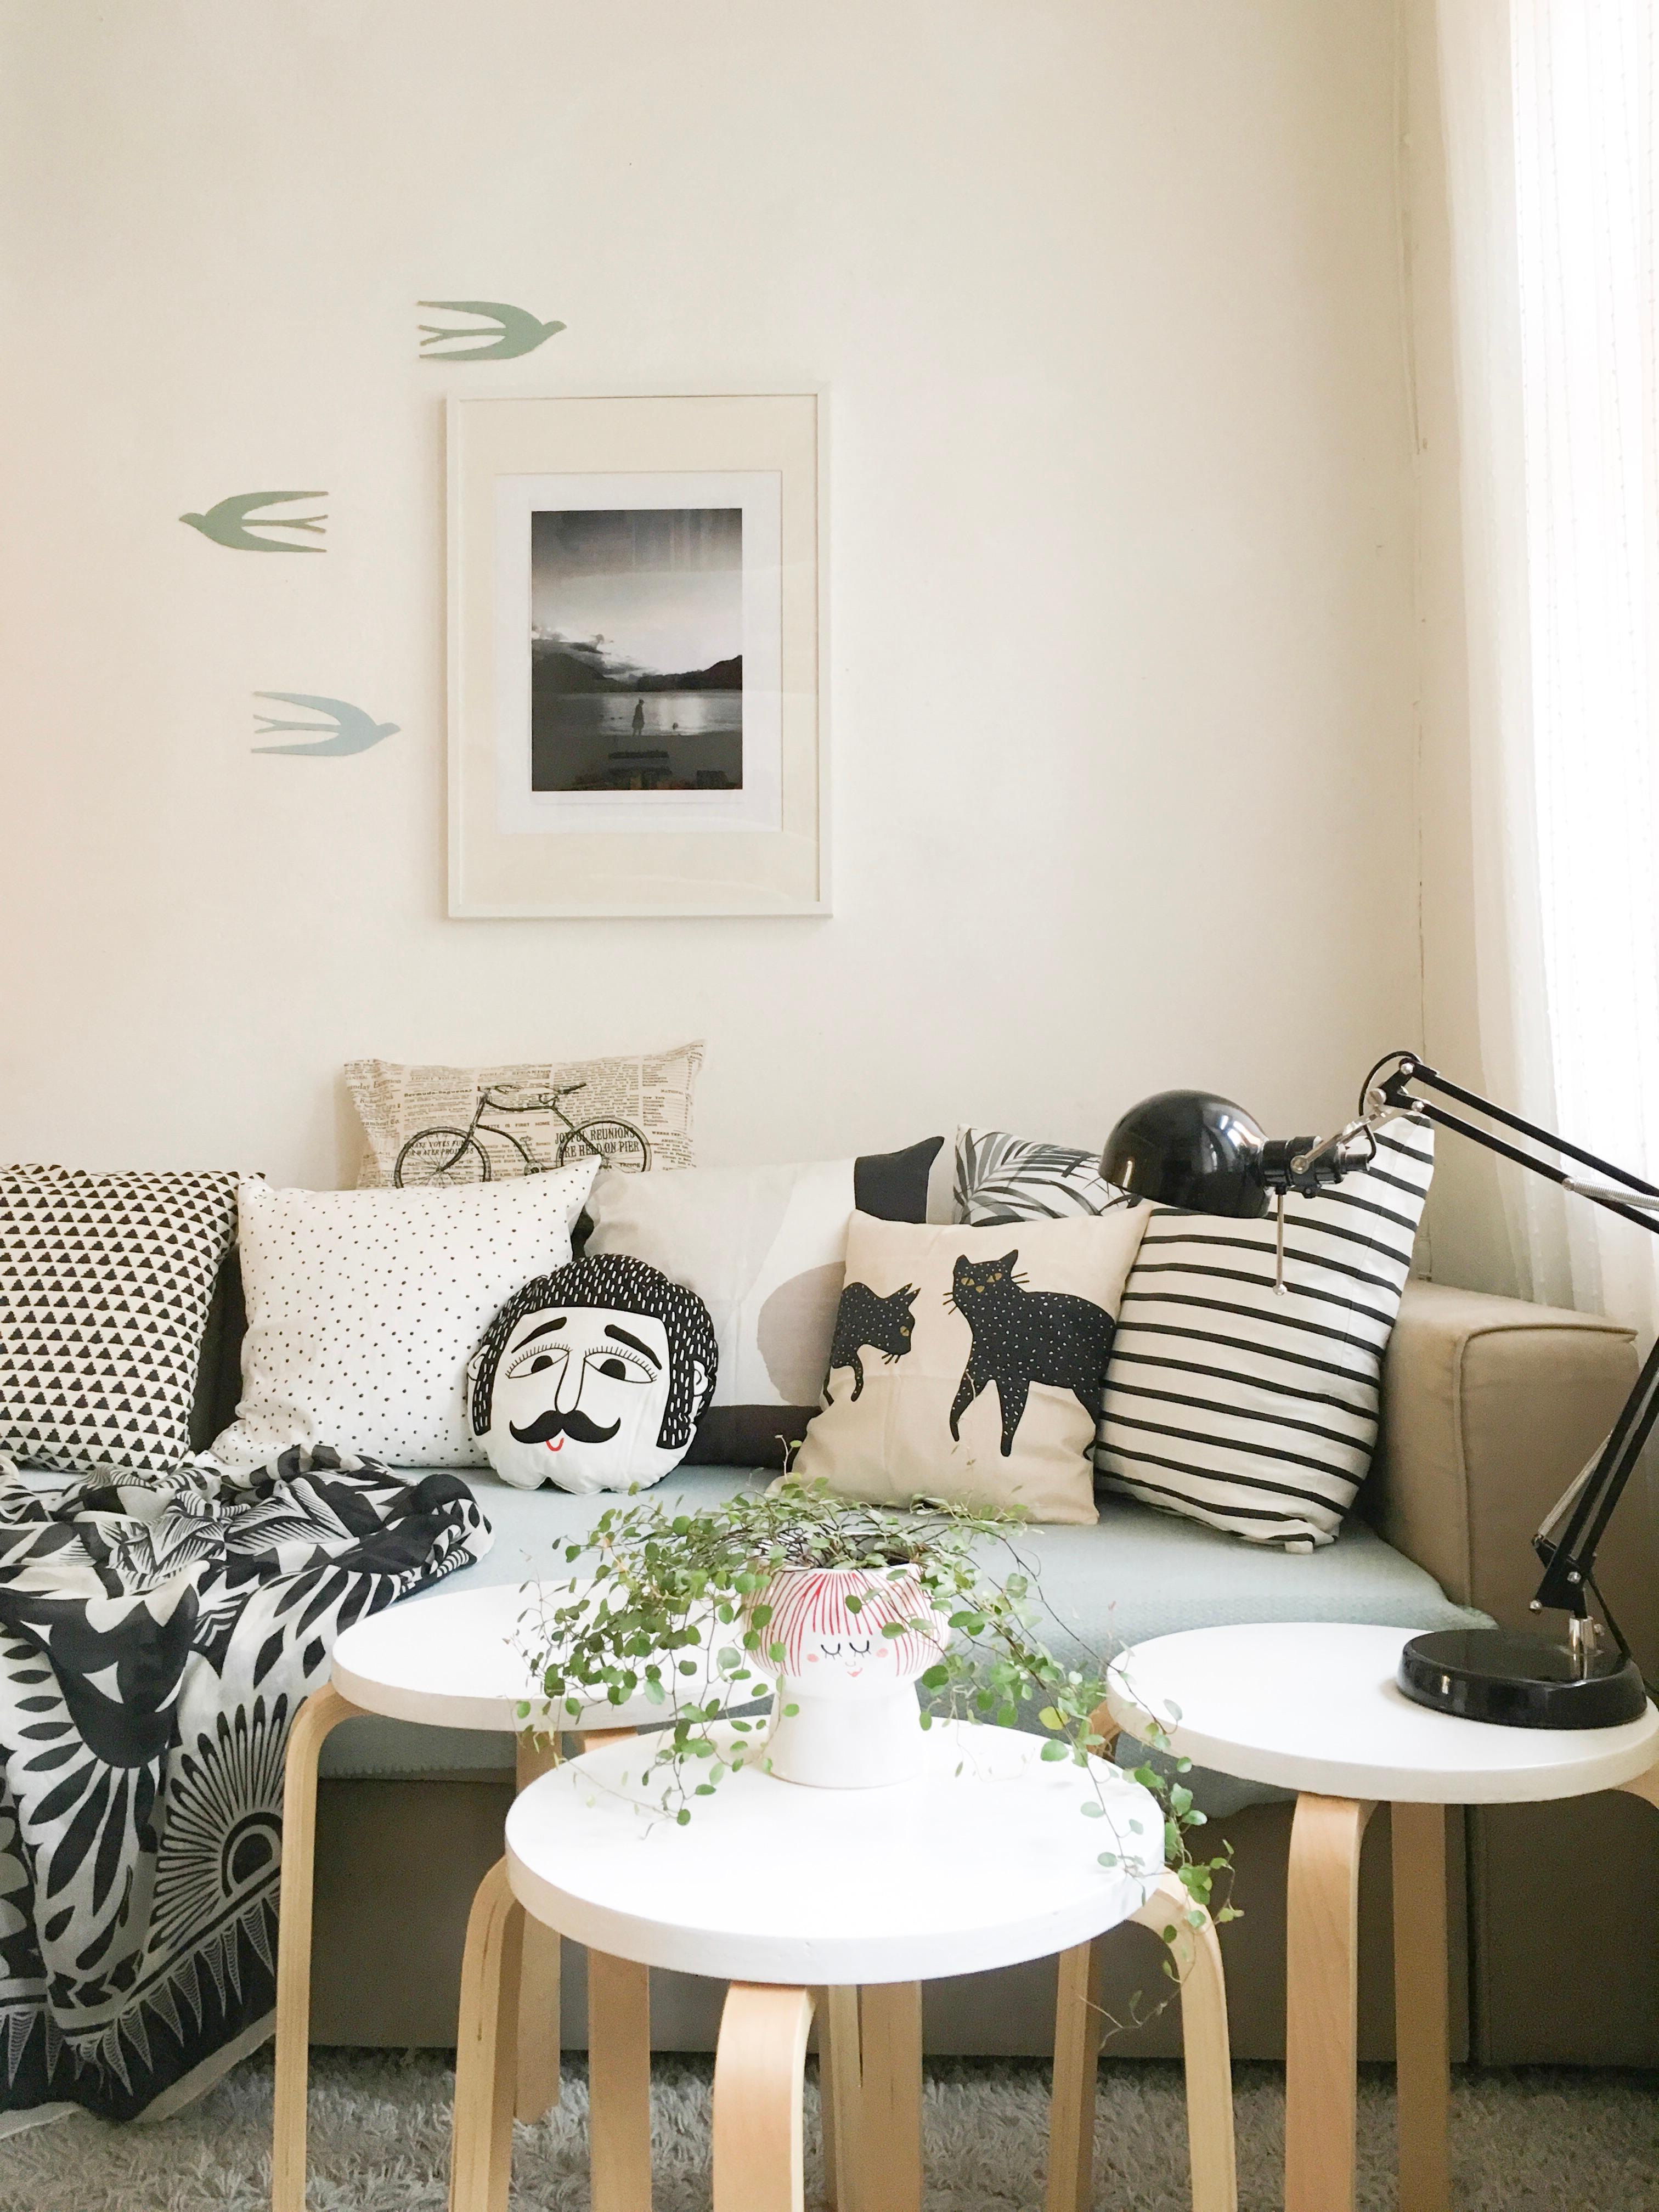 schwarz weiss sofa kissen ikea wohnzimmer hygge. Black Bedroom Furniture Sets. Home Design Ideas